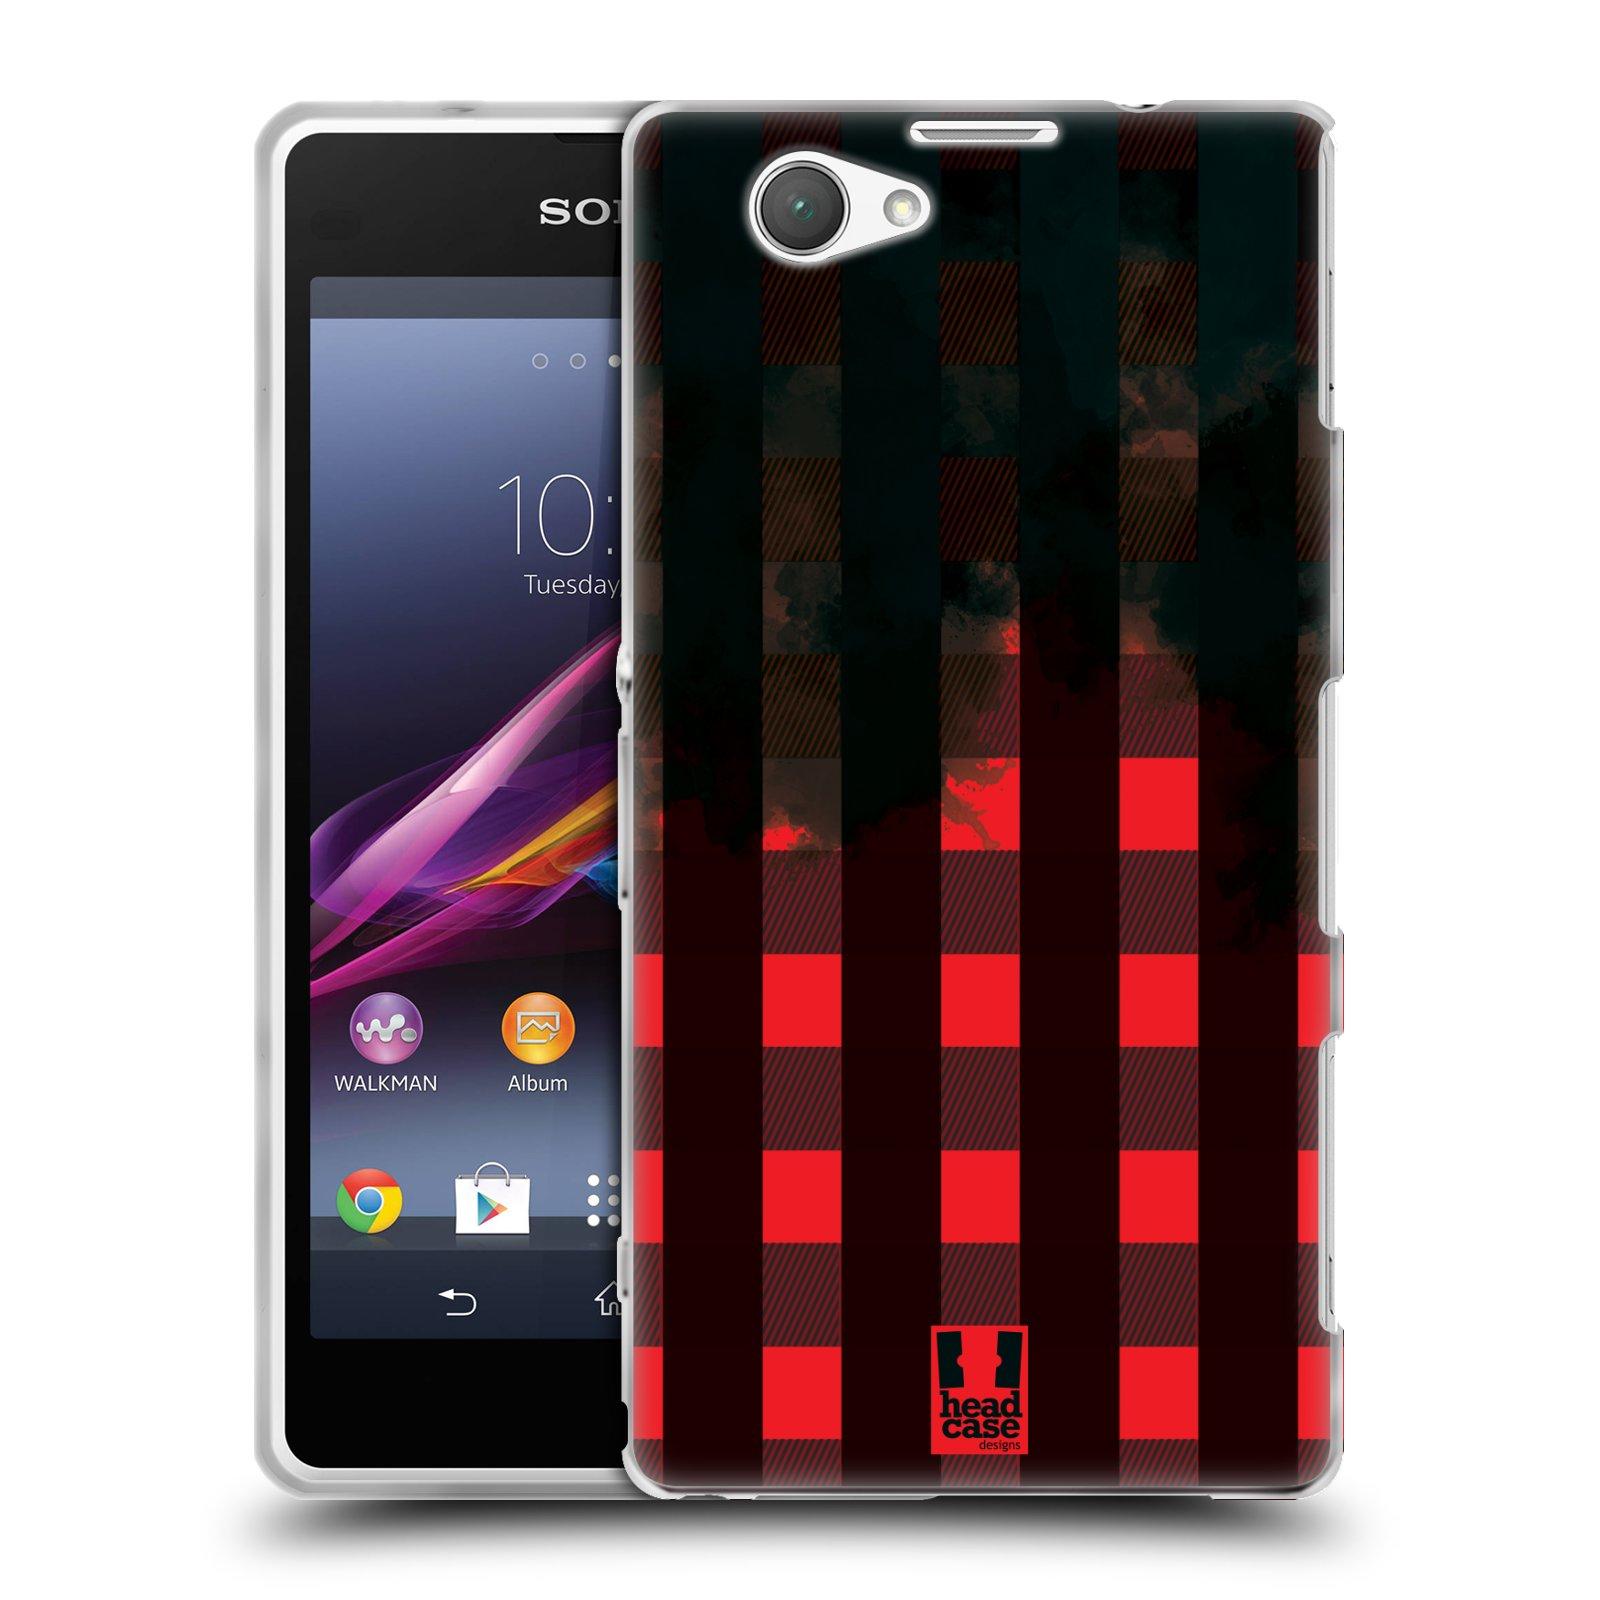 Silikonové pouzdro na mobil Sony Xperia Z1 Compact D5503 HEAD CASE FLANEL RED BLACK (Silikonový kryt či obal na mobilní telefon Sony Xperia Z1 Compact)